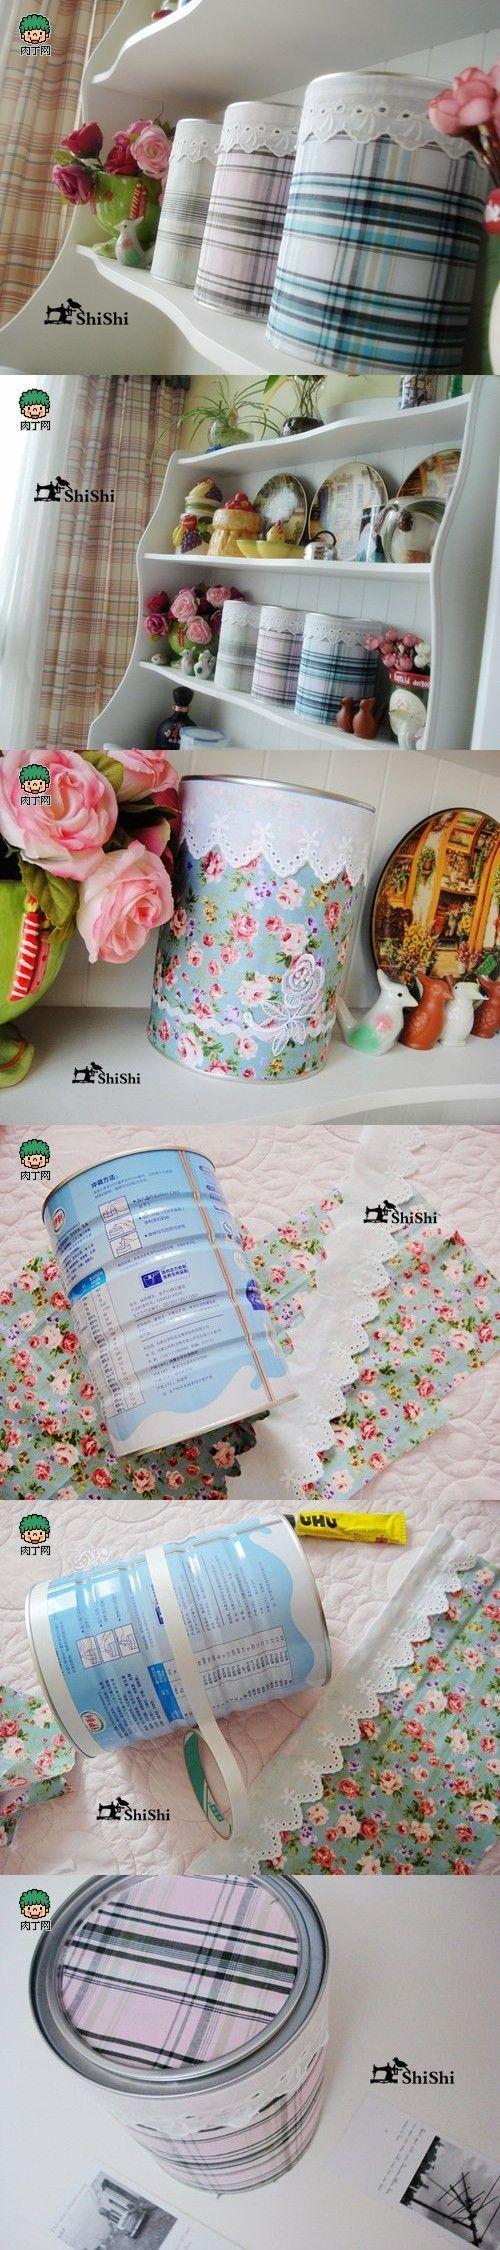 Reciclando creativamente latas de leche y otros | Aprender manualidades es facilisimo.com